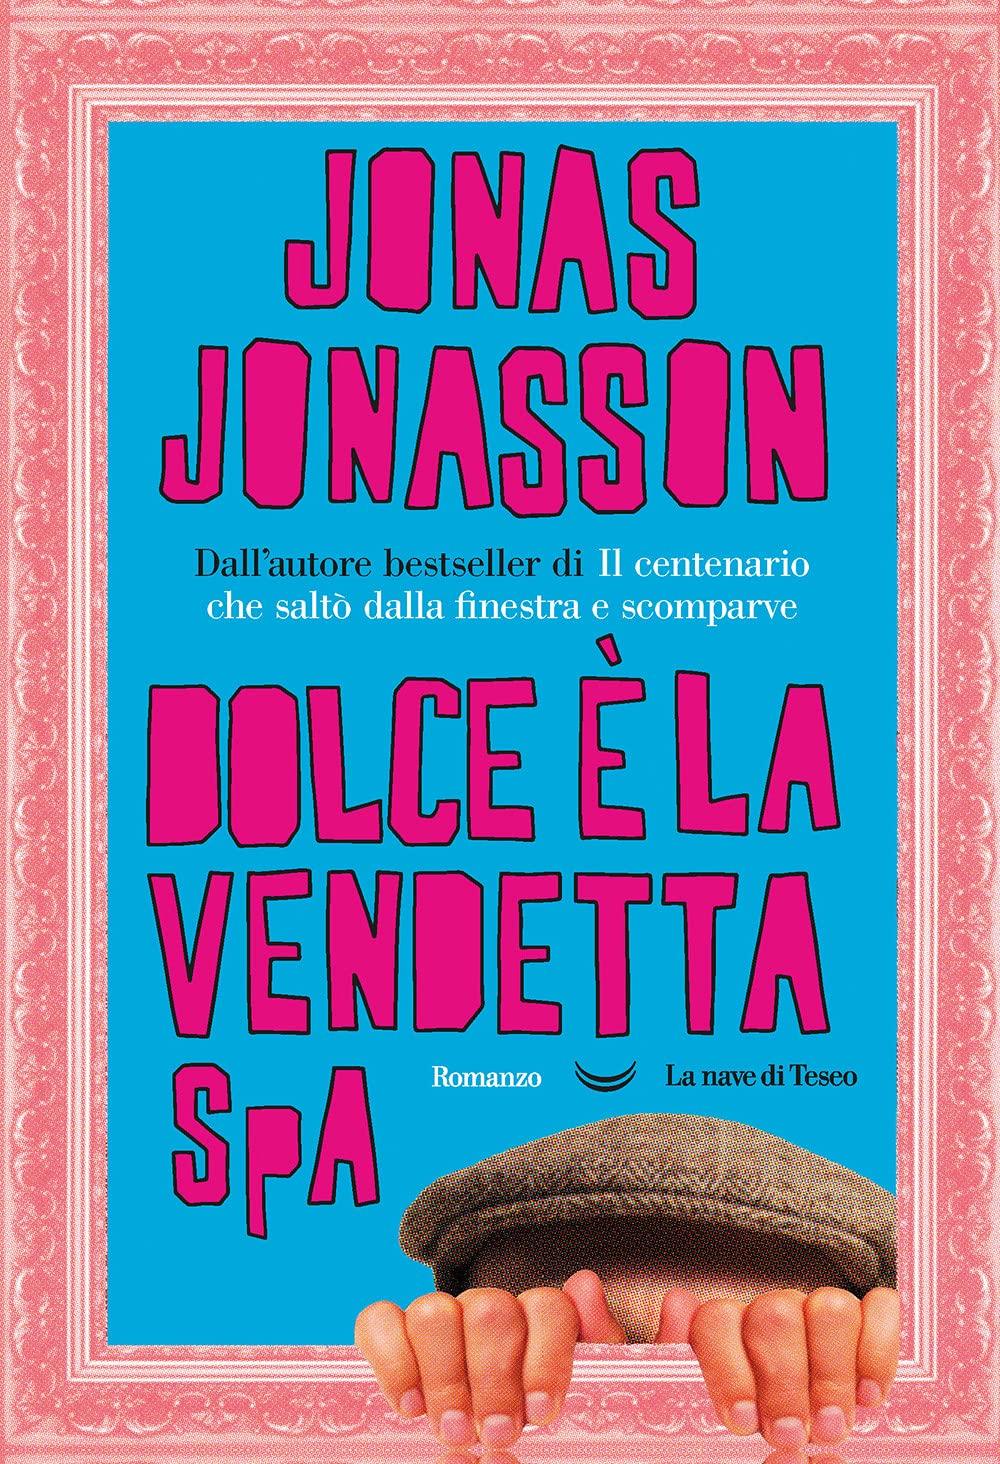 Jonas Jonasson – Dolce è la Vendetta SPA